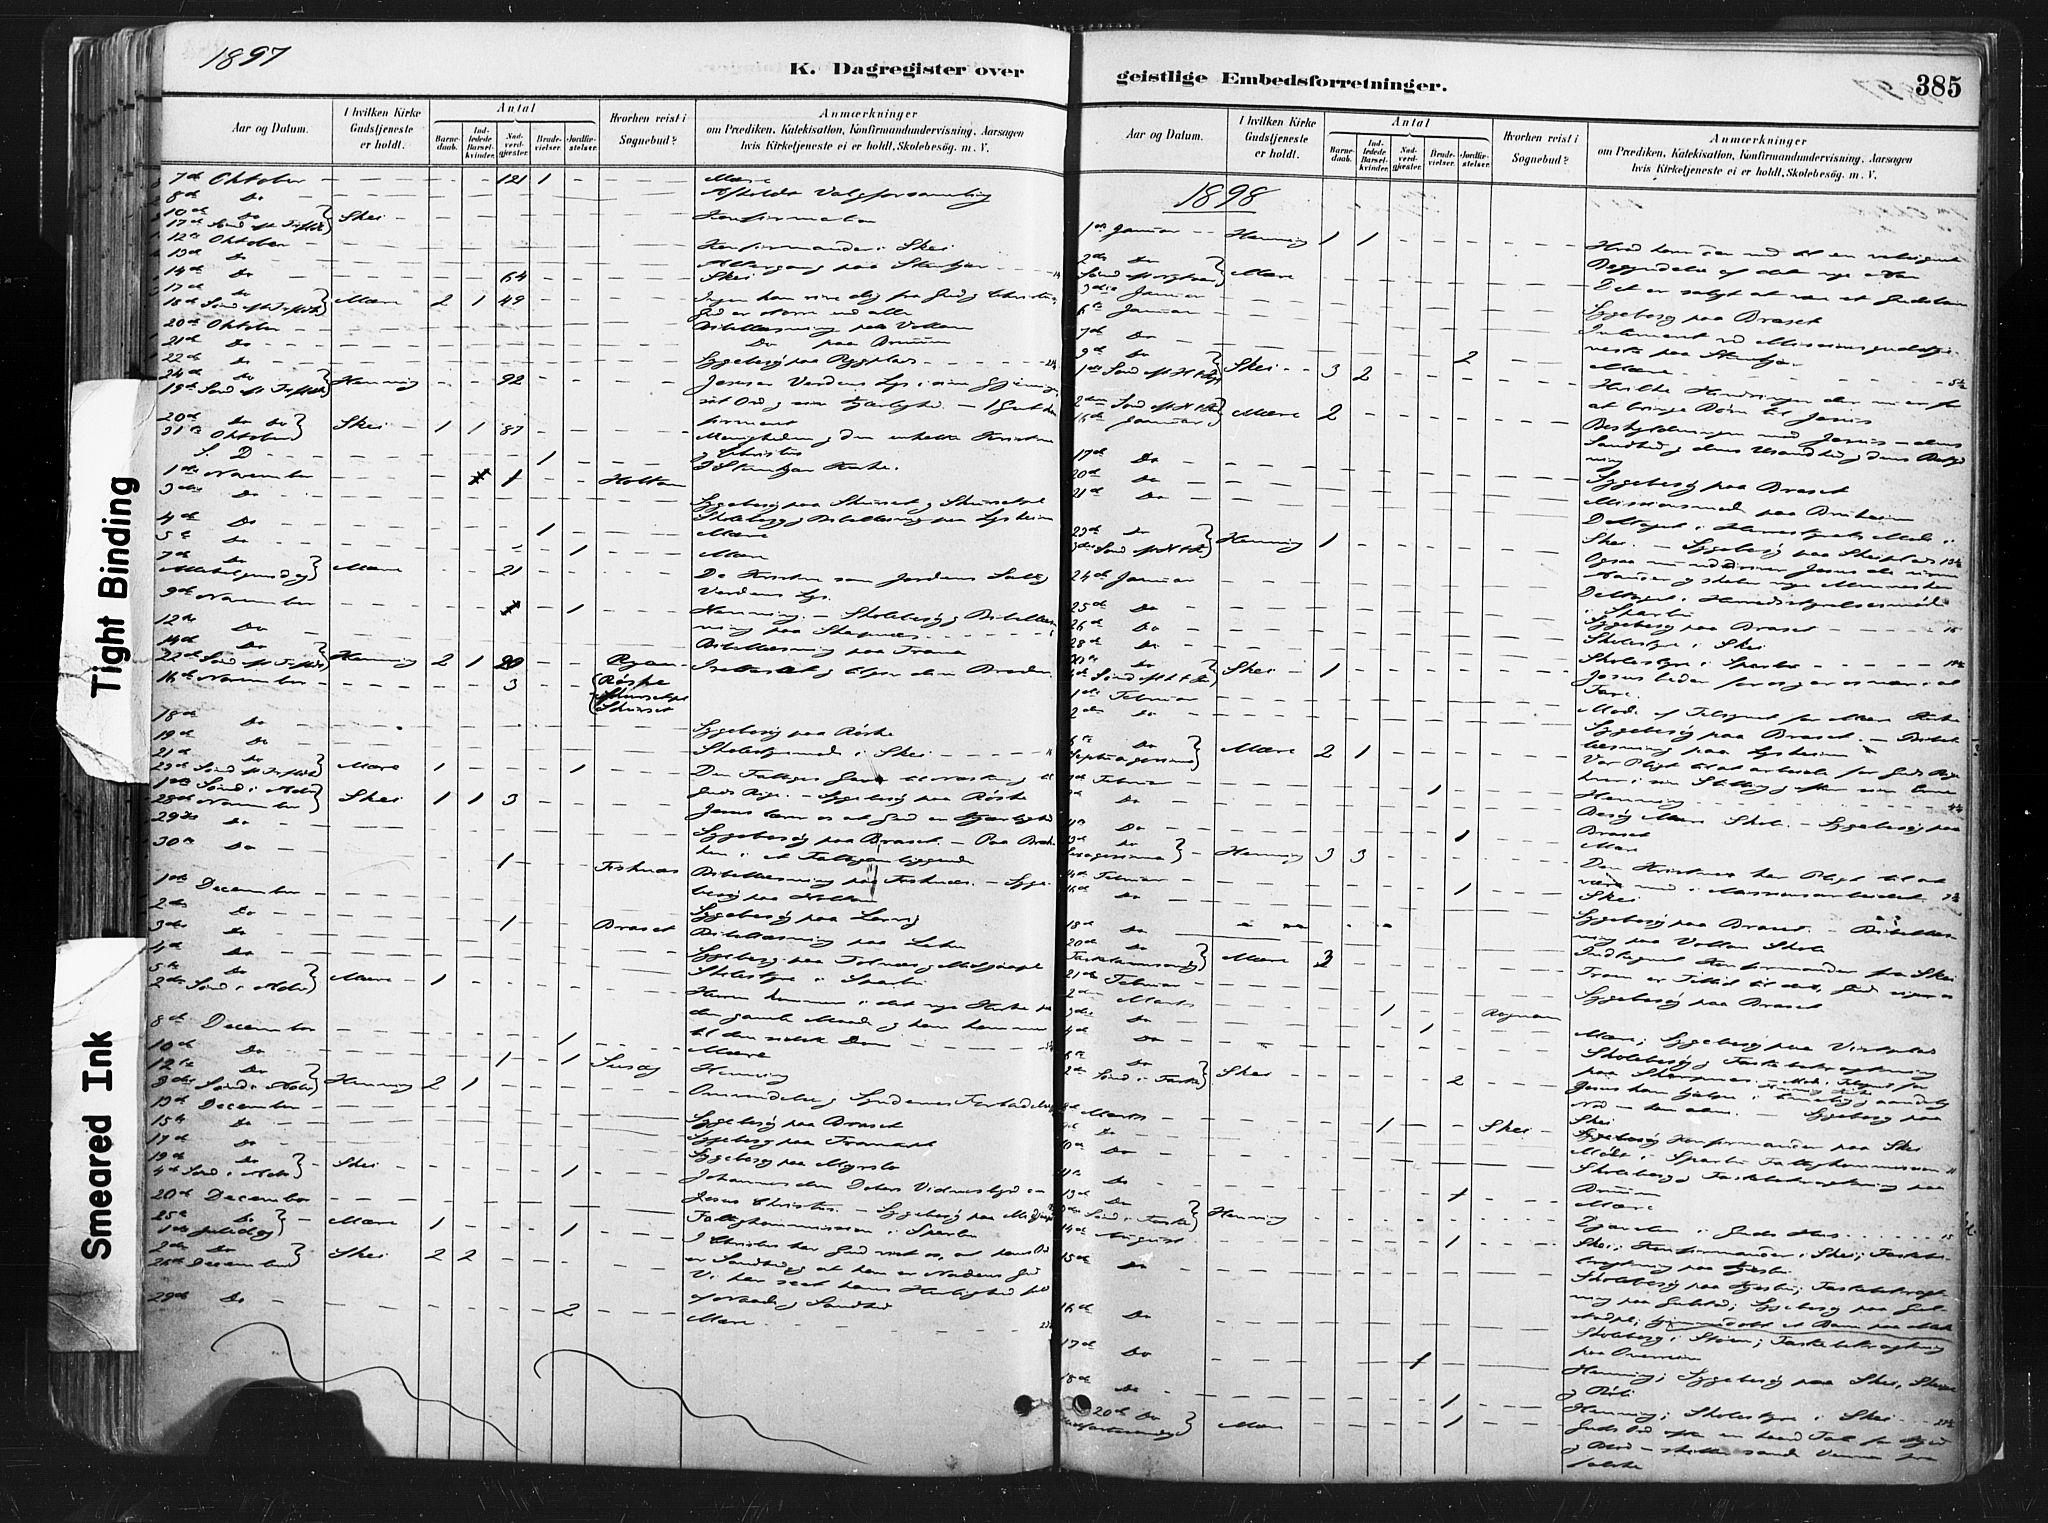 SAT, Ministerialprotokoller, klokkerbøker og fødselsregistre - Nord-Trøndelag, 735/L0351: Ministerialbok nr. 735A10, 1884-1908, s. 385